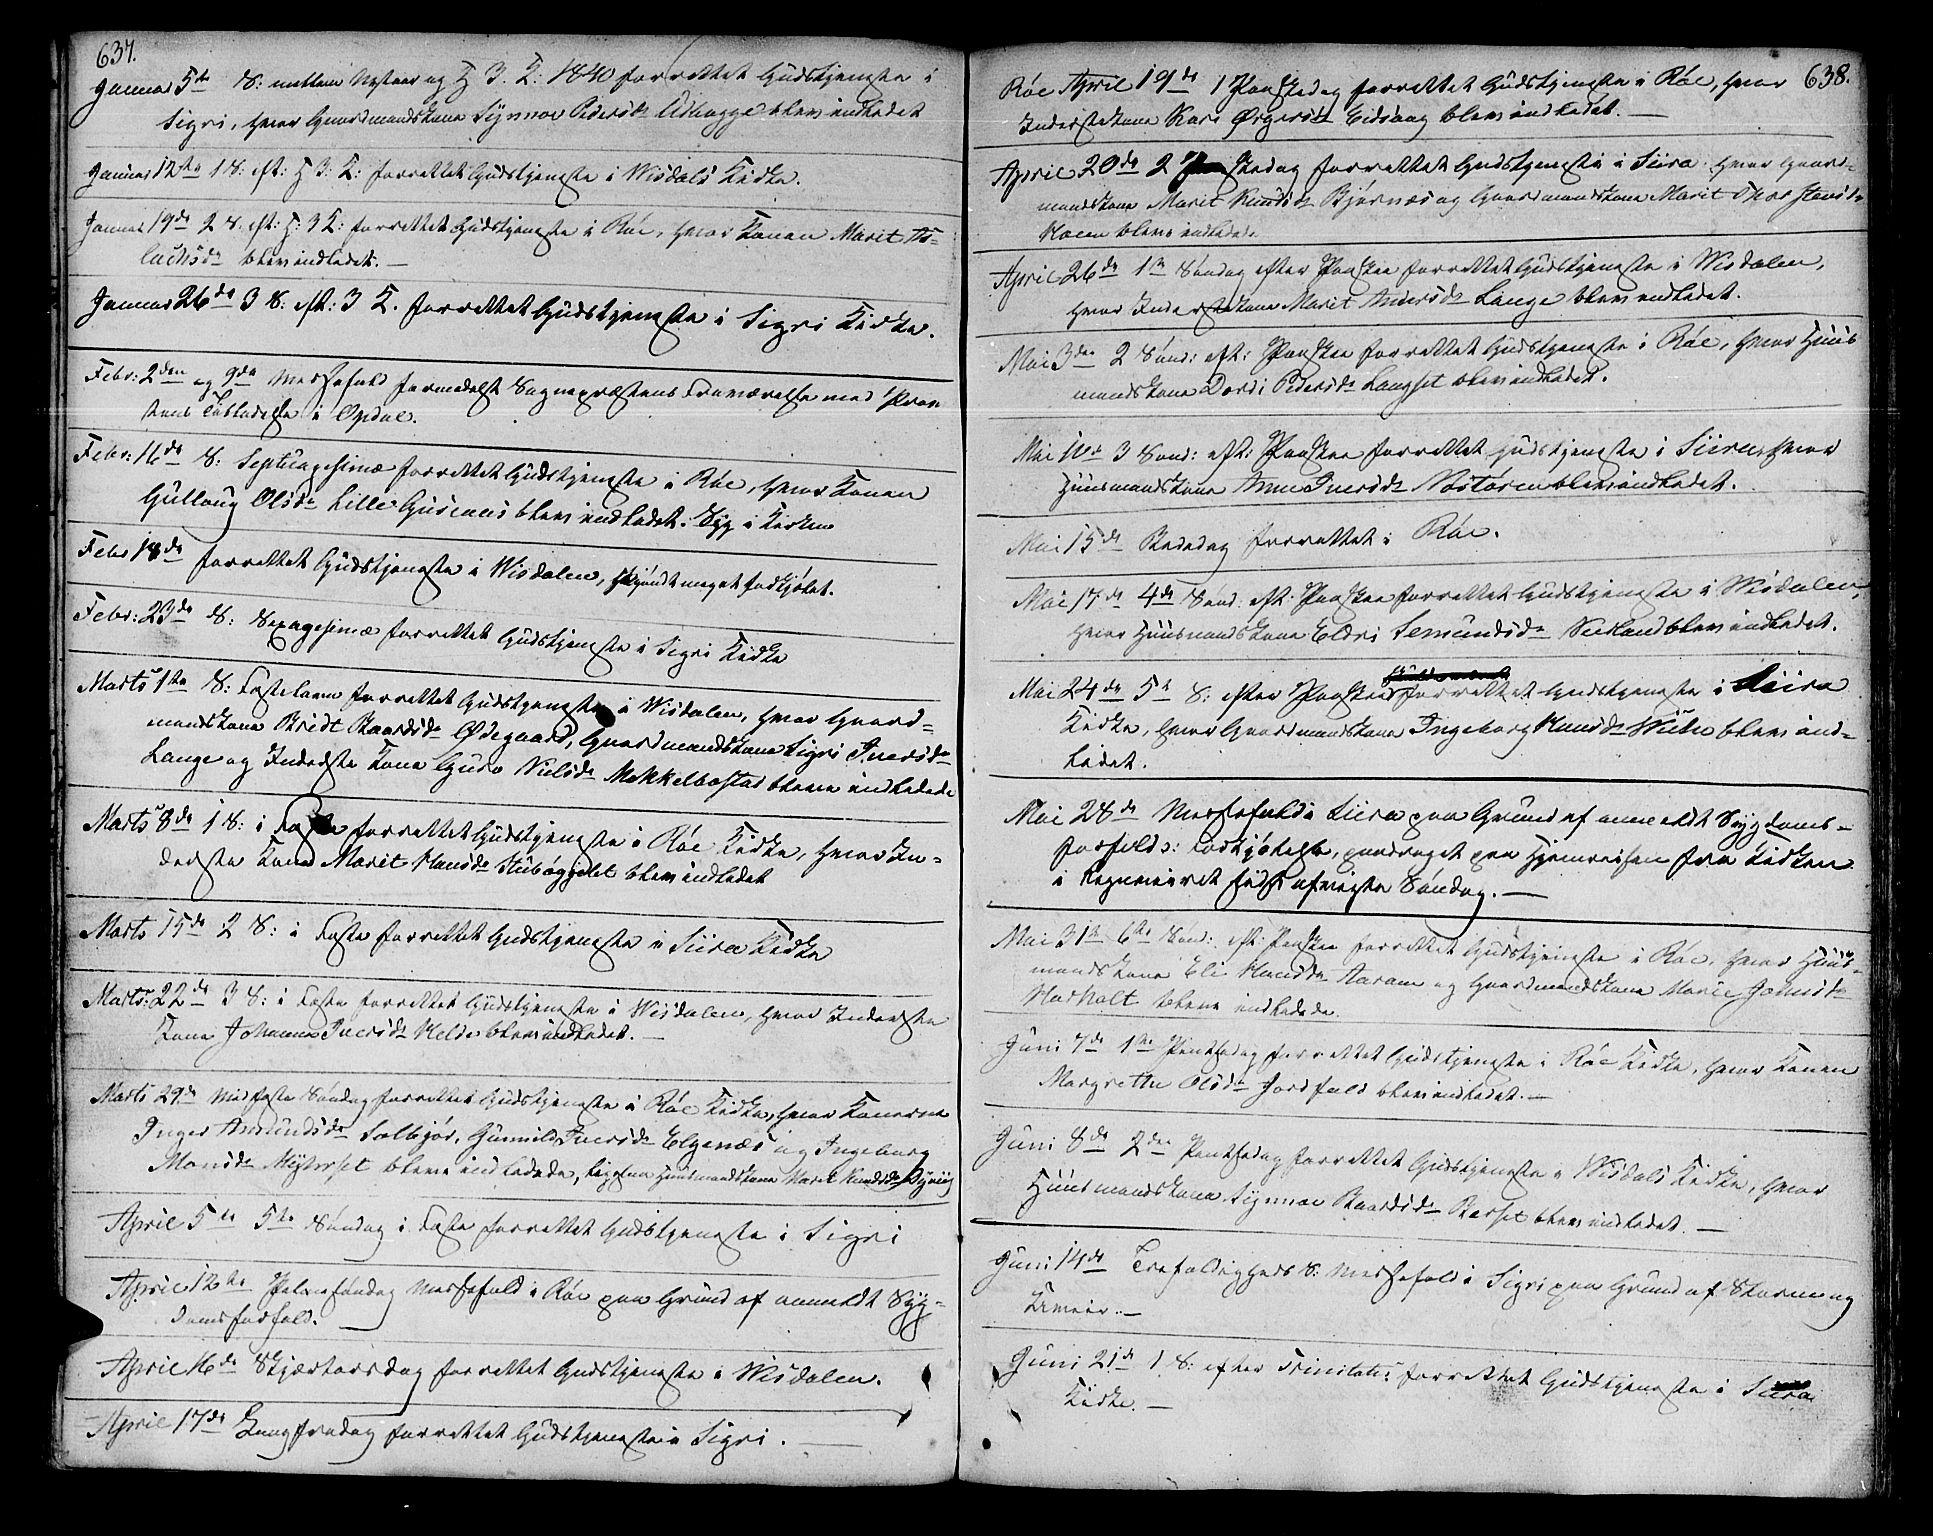 SAT, Ministerialprotokoller, klokkerbøker og fødselsregistre - Møre og Romsdal, 551/L0624: Ministerialbok nr. 551A04, 1831-1845, s. 637-638